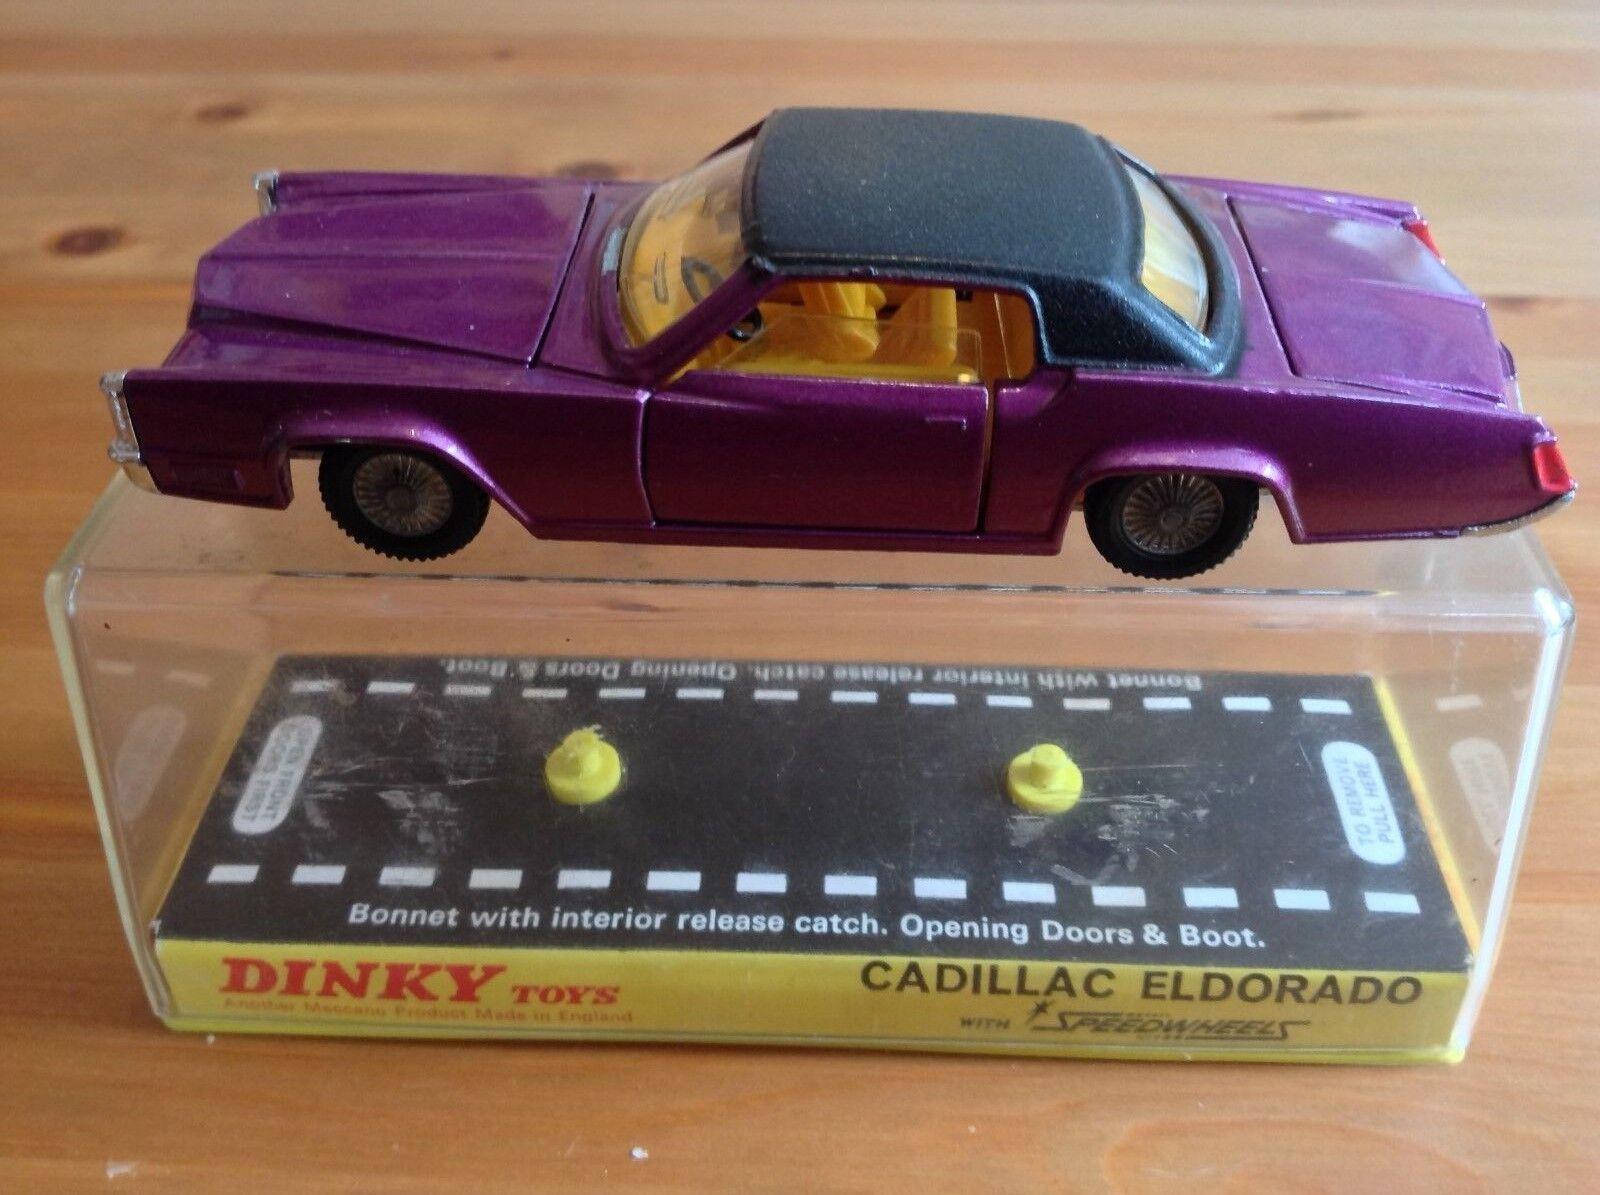 DINKY 175 CADILLAC ELDORADO ORIGINAL AND BOXED